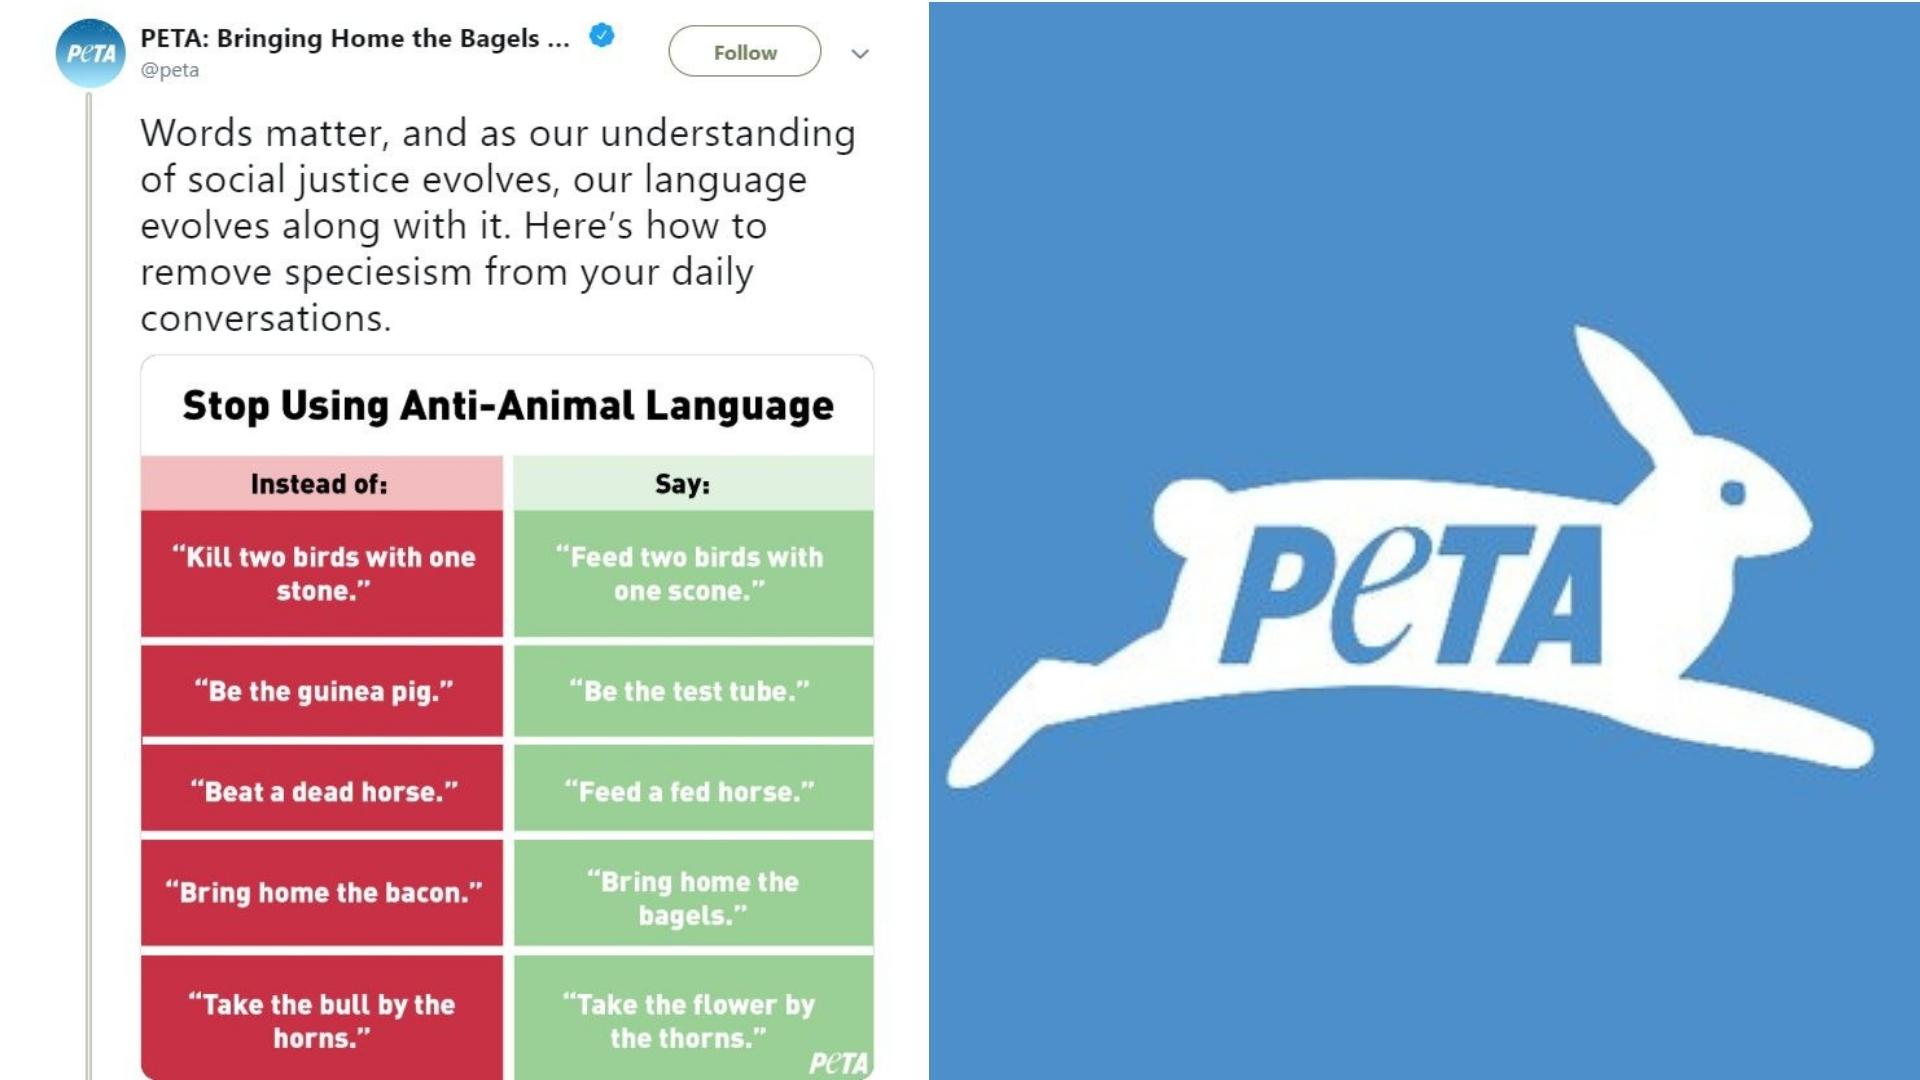 PETA Compares 'Speciesism' To Racism & Homophobia, Gets Ridiculed